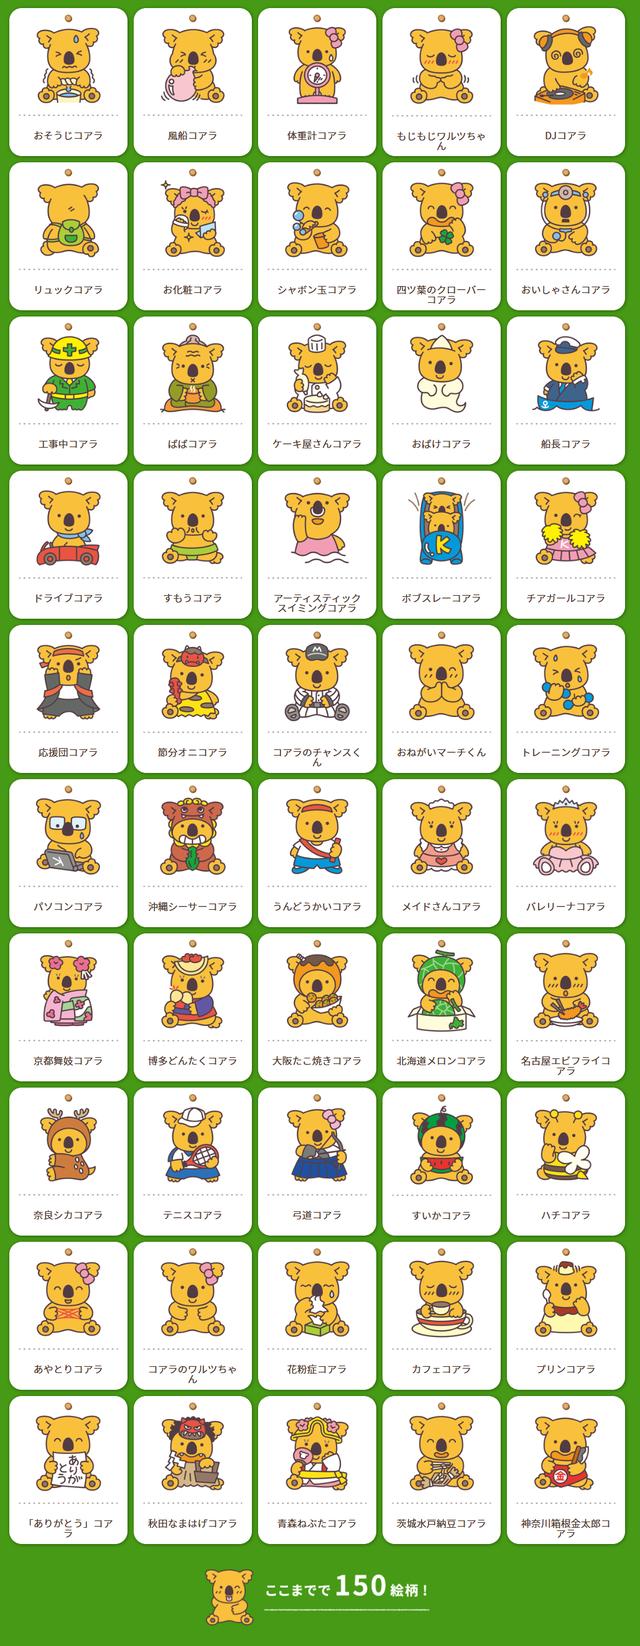 screenshot-www.lotte.co.jp-2020.06.18-11_22_35